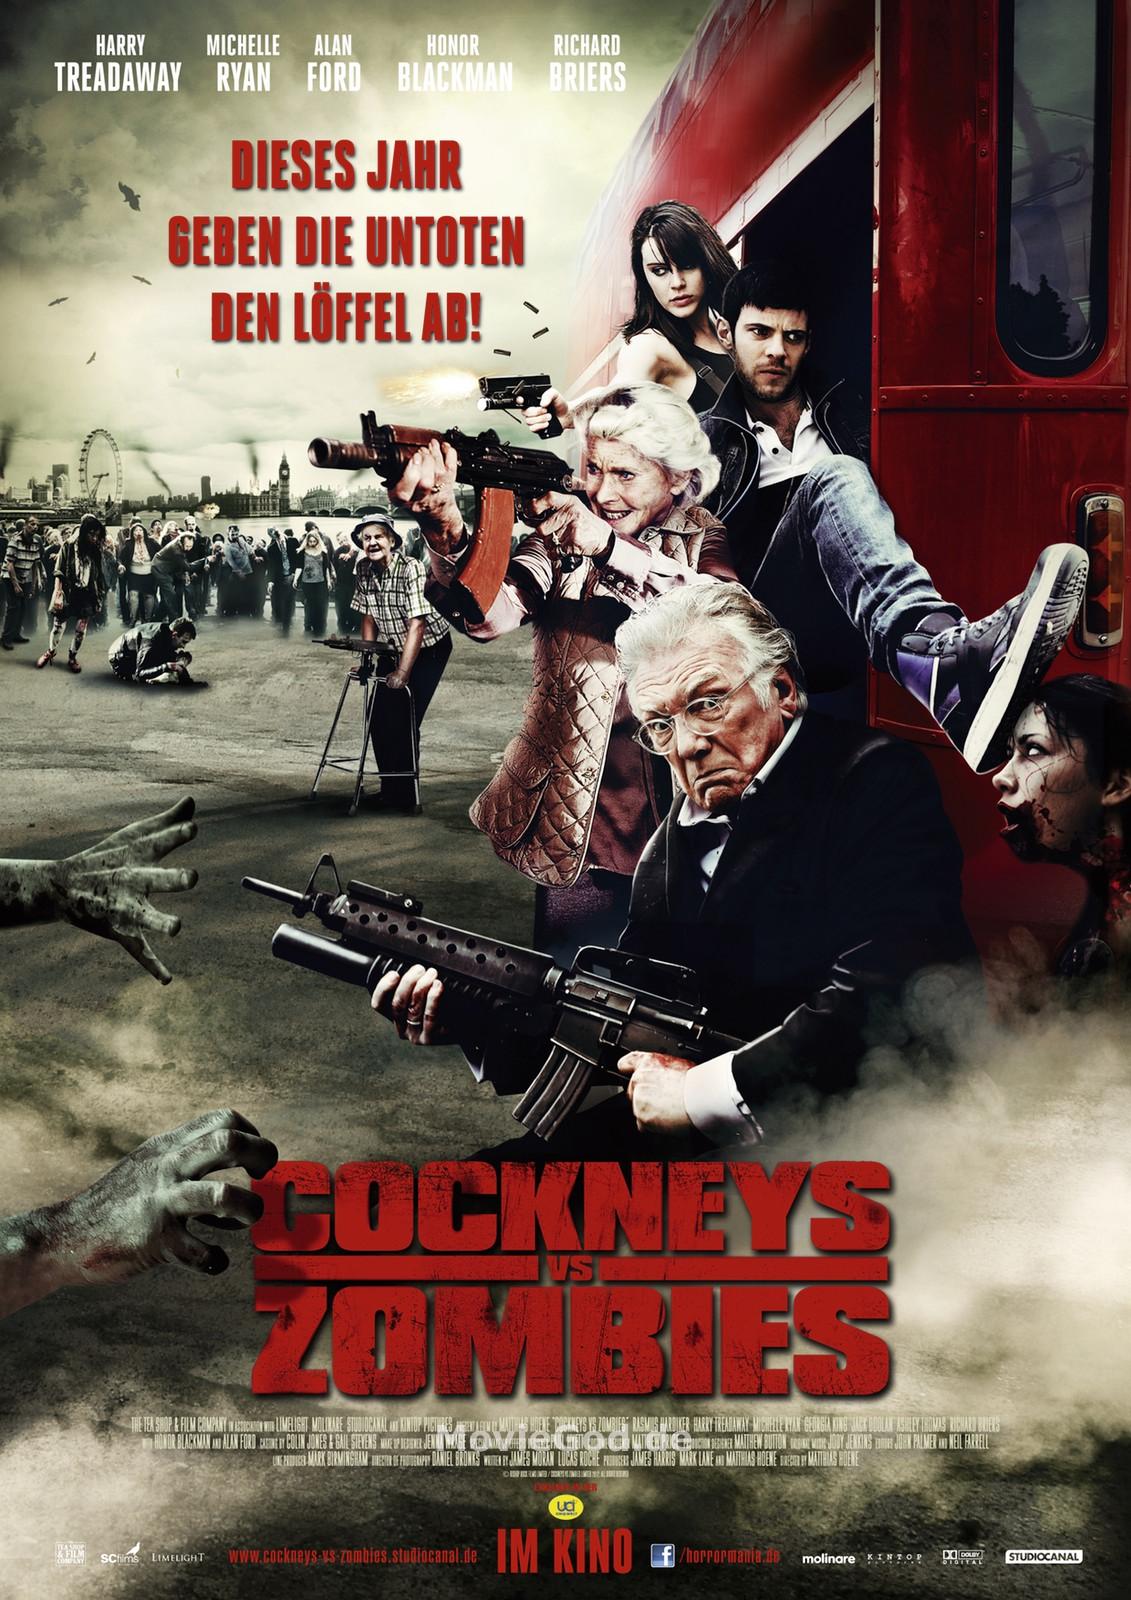 Cockneys VS Zombies (2012) แก่เก๋า ปะทะ ซอมบี้